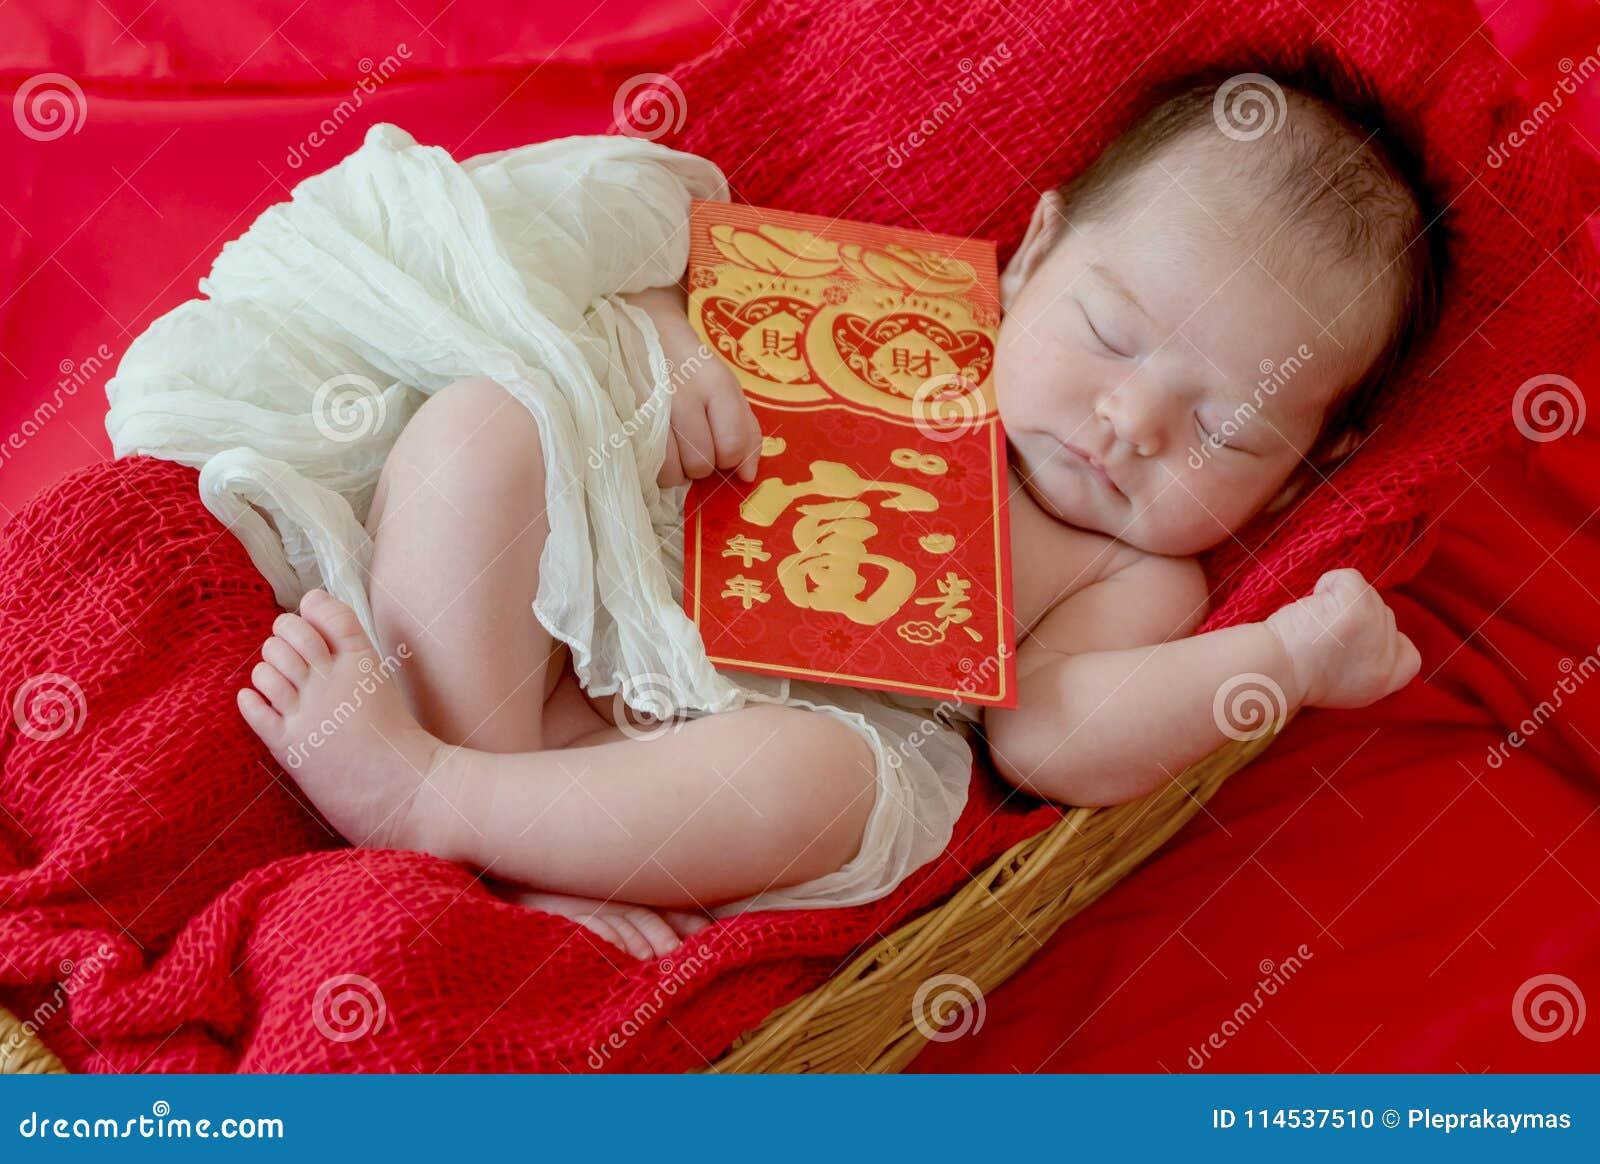 Bébé avec le geste de la nouvelle année chinoise heureuse